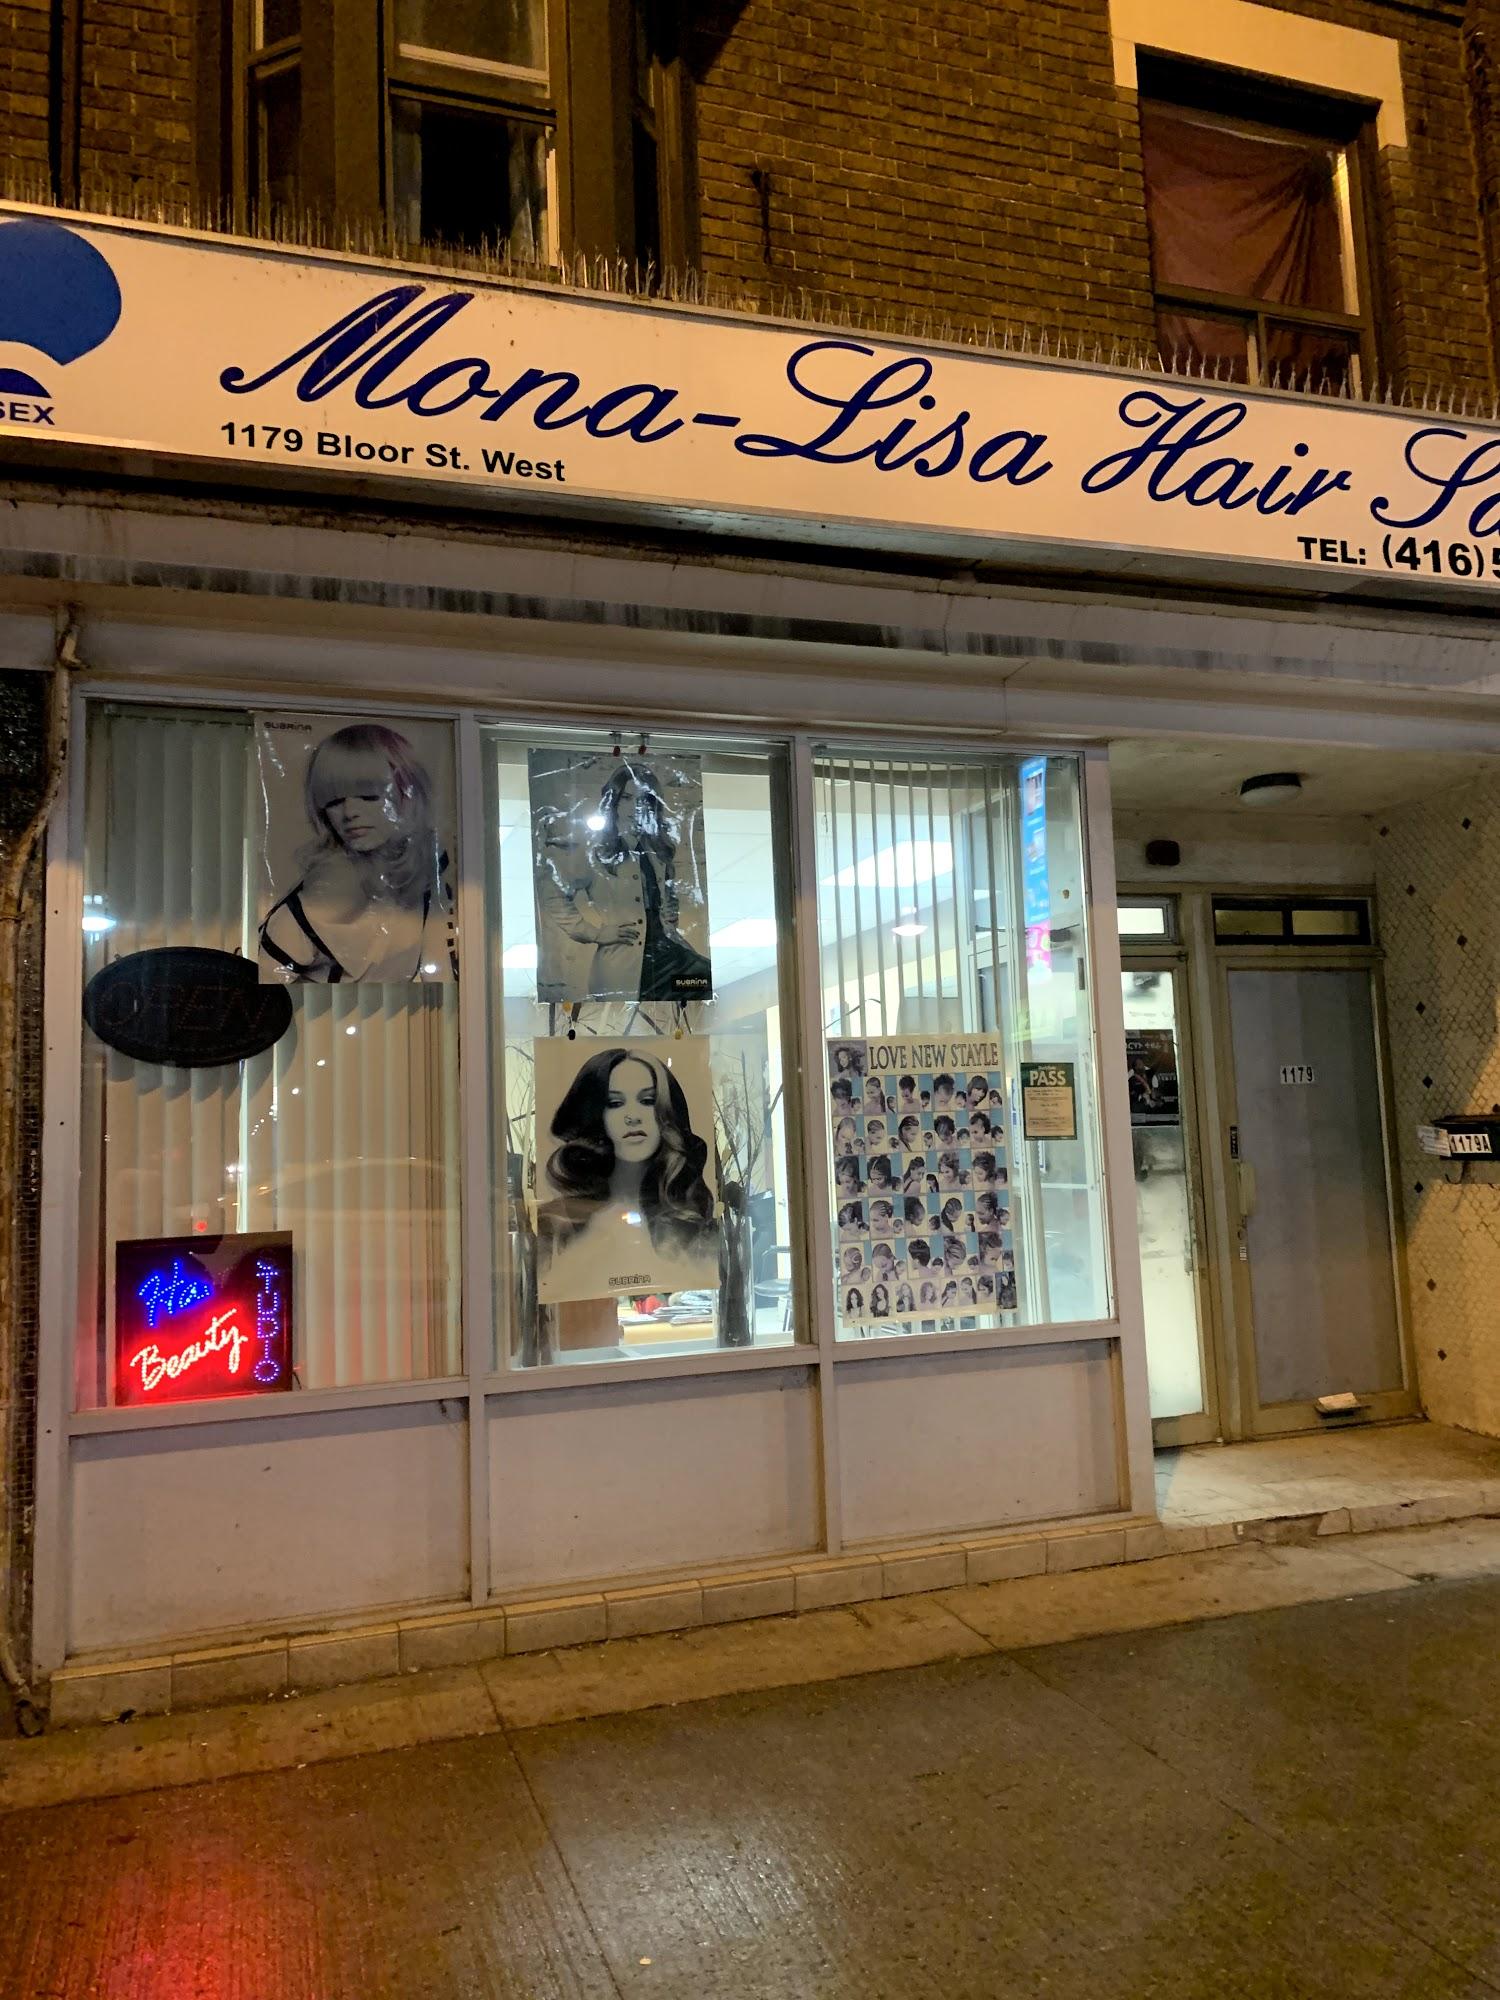 Mona Lisa Hair Salon 1179 Bloor St W, Toronto